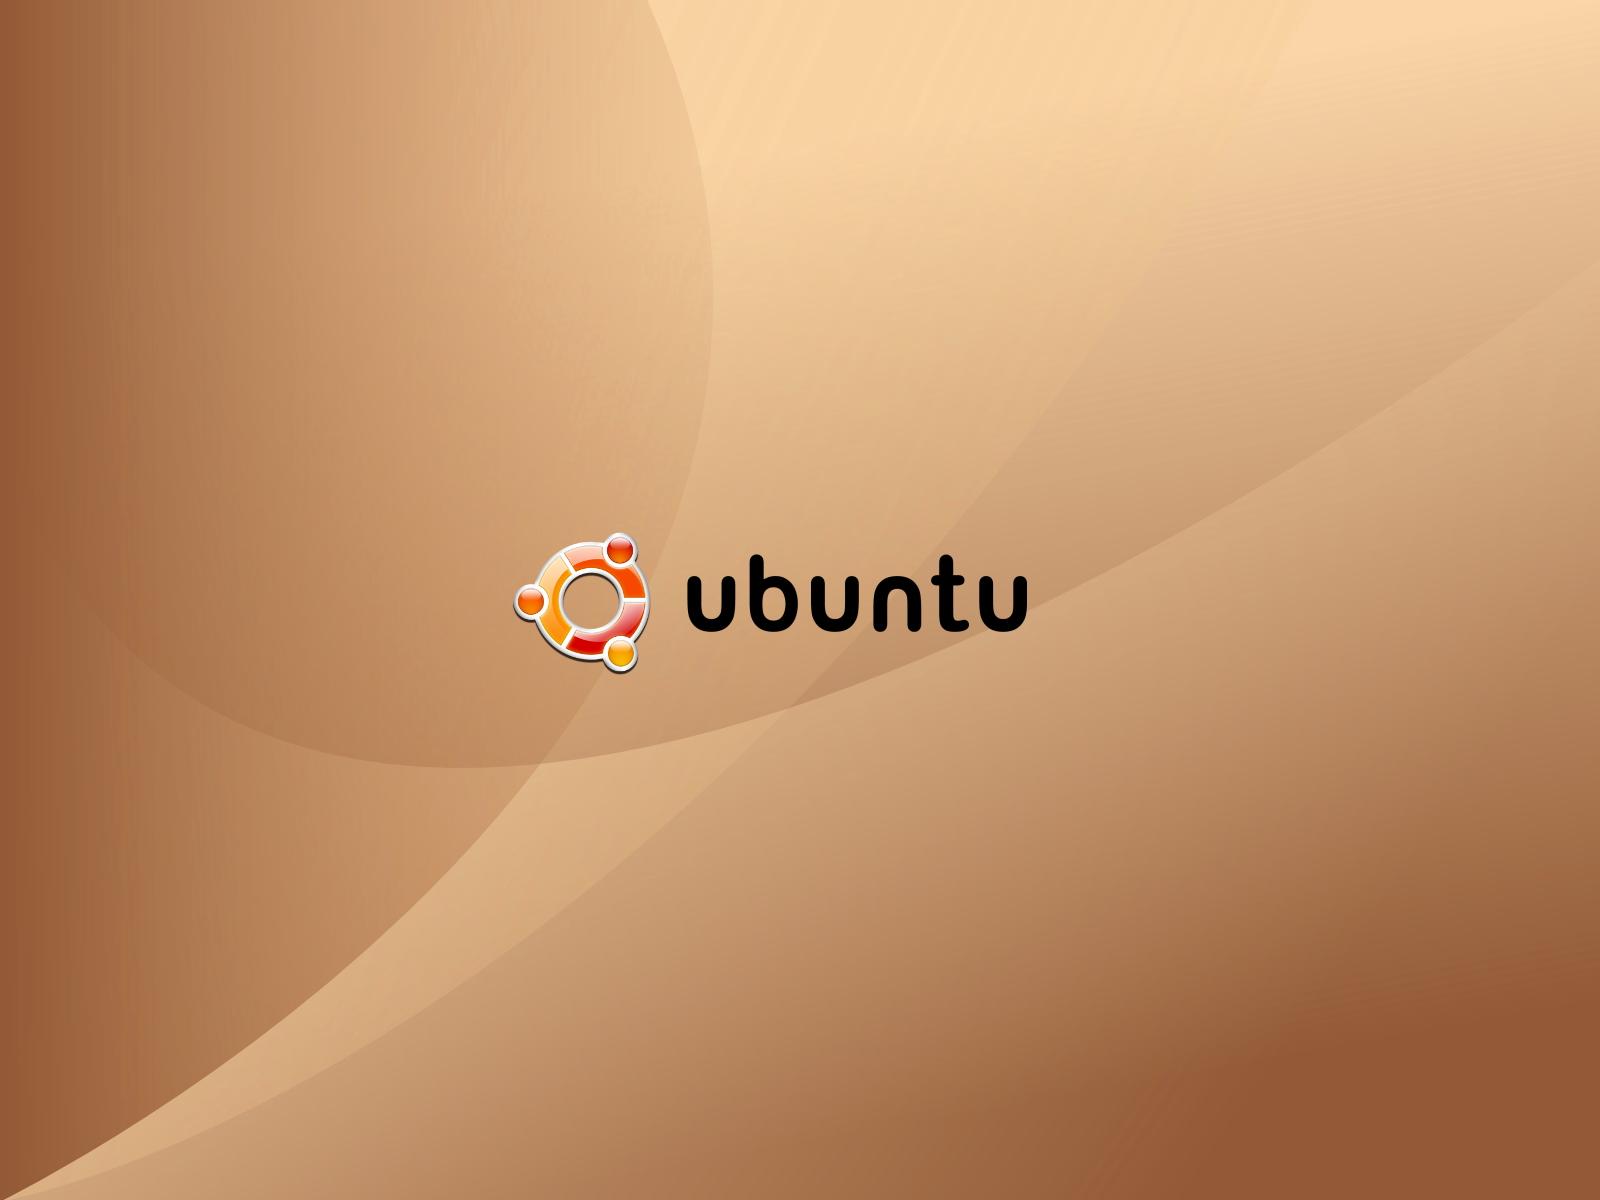 Ubuntu Wallpapers 1600x1200